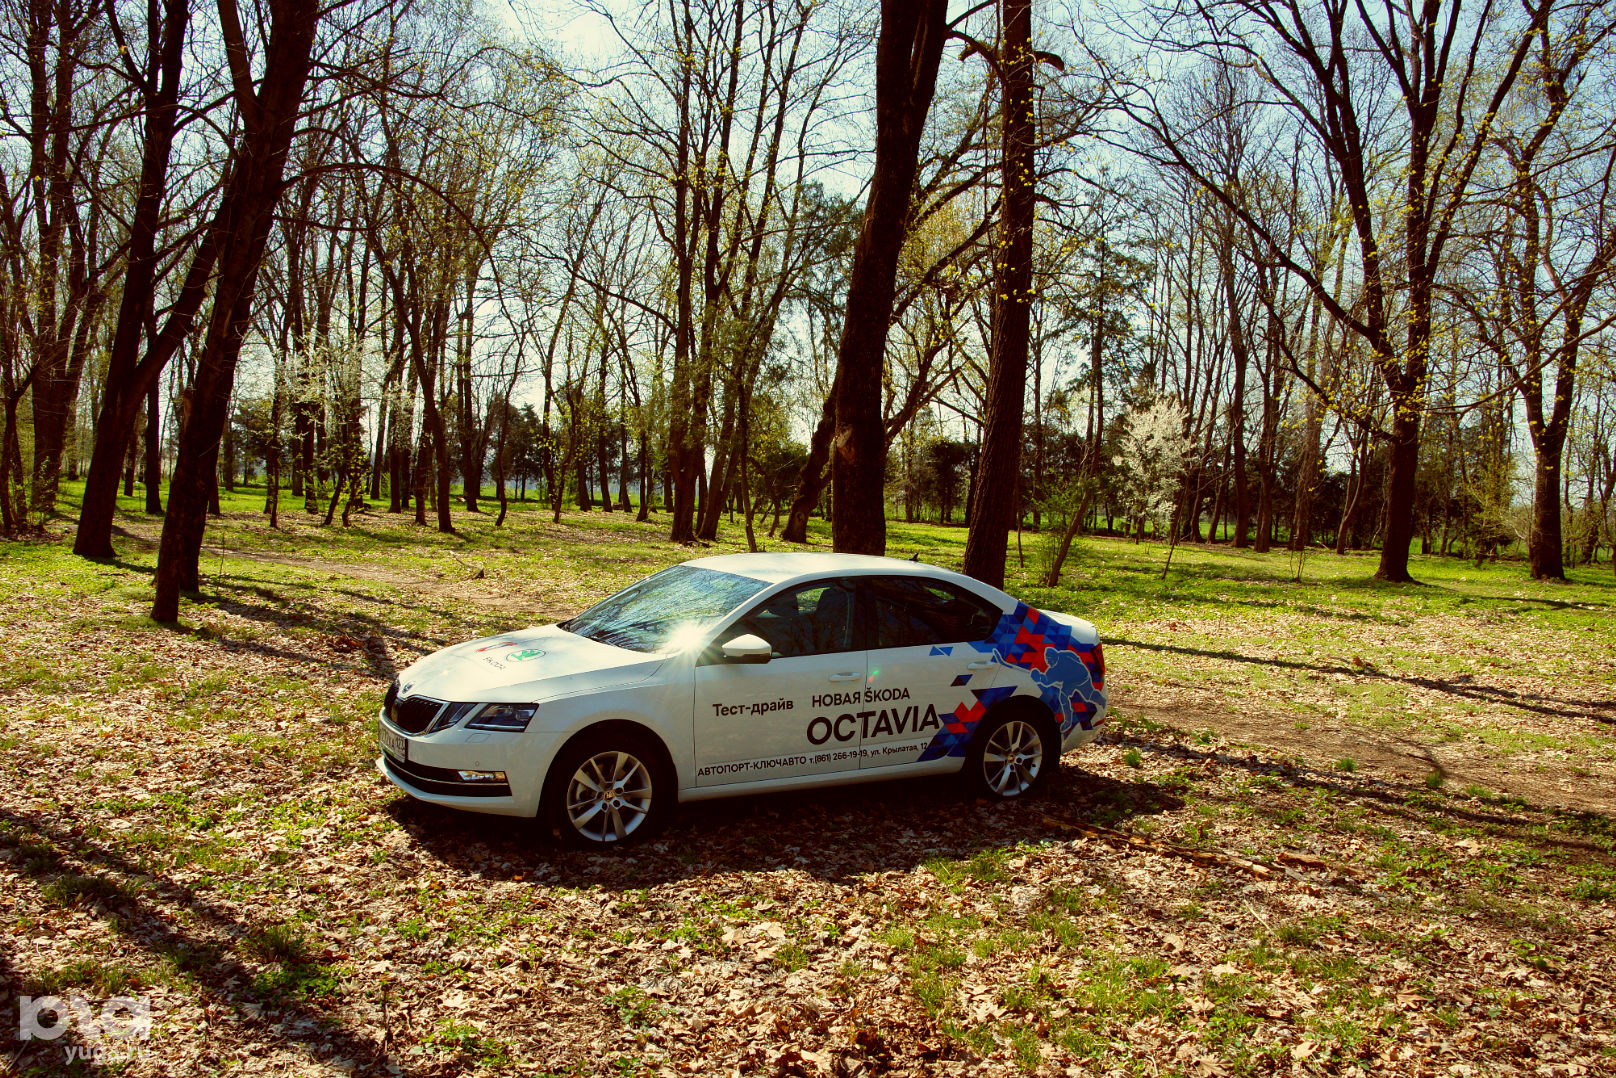 Новая Skoda Octavia © Фото Евгения Мельченко, Юга.ру ©Фото Юга.ру